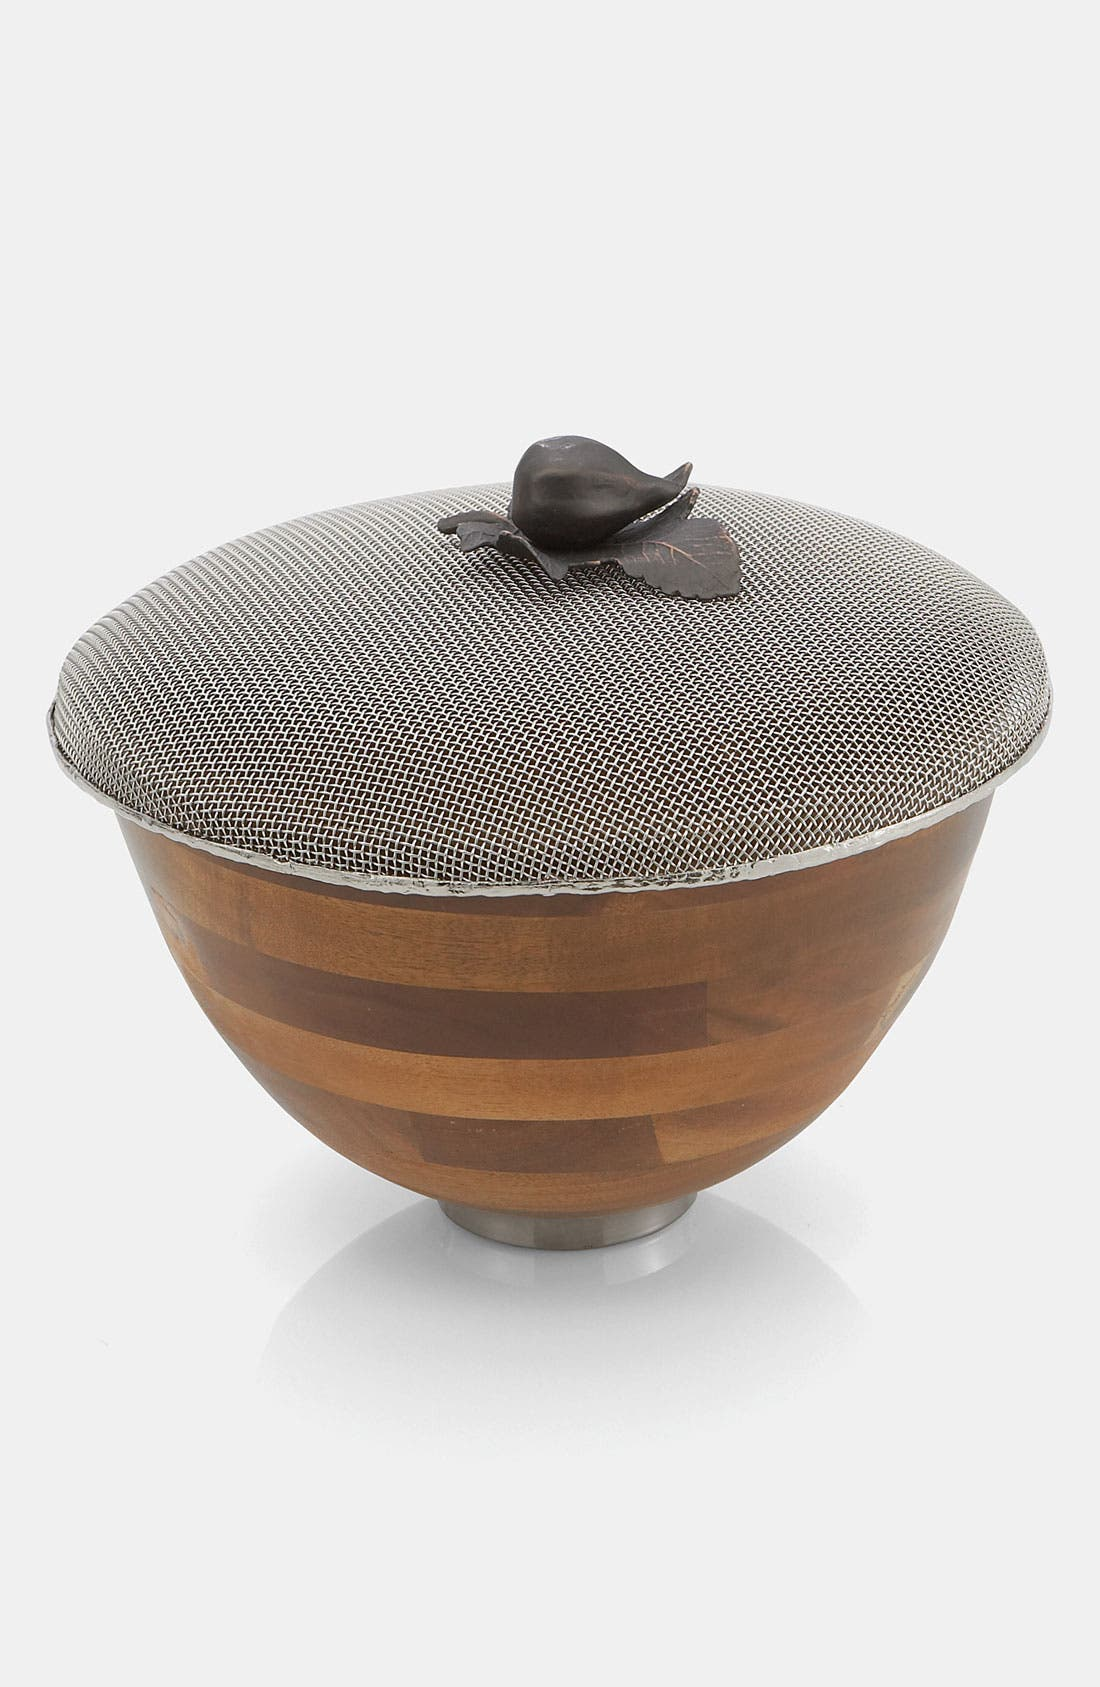 Alternate Image 1 Selected - Michael Aram 'Fig Leaf' Mesh Lid Serving Bowl